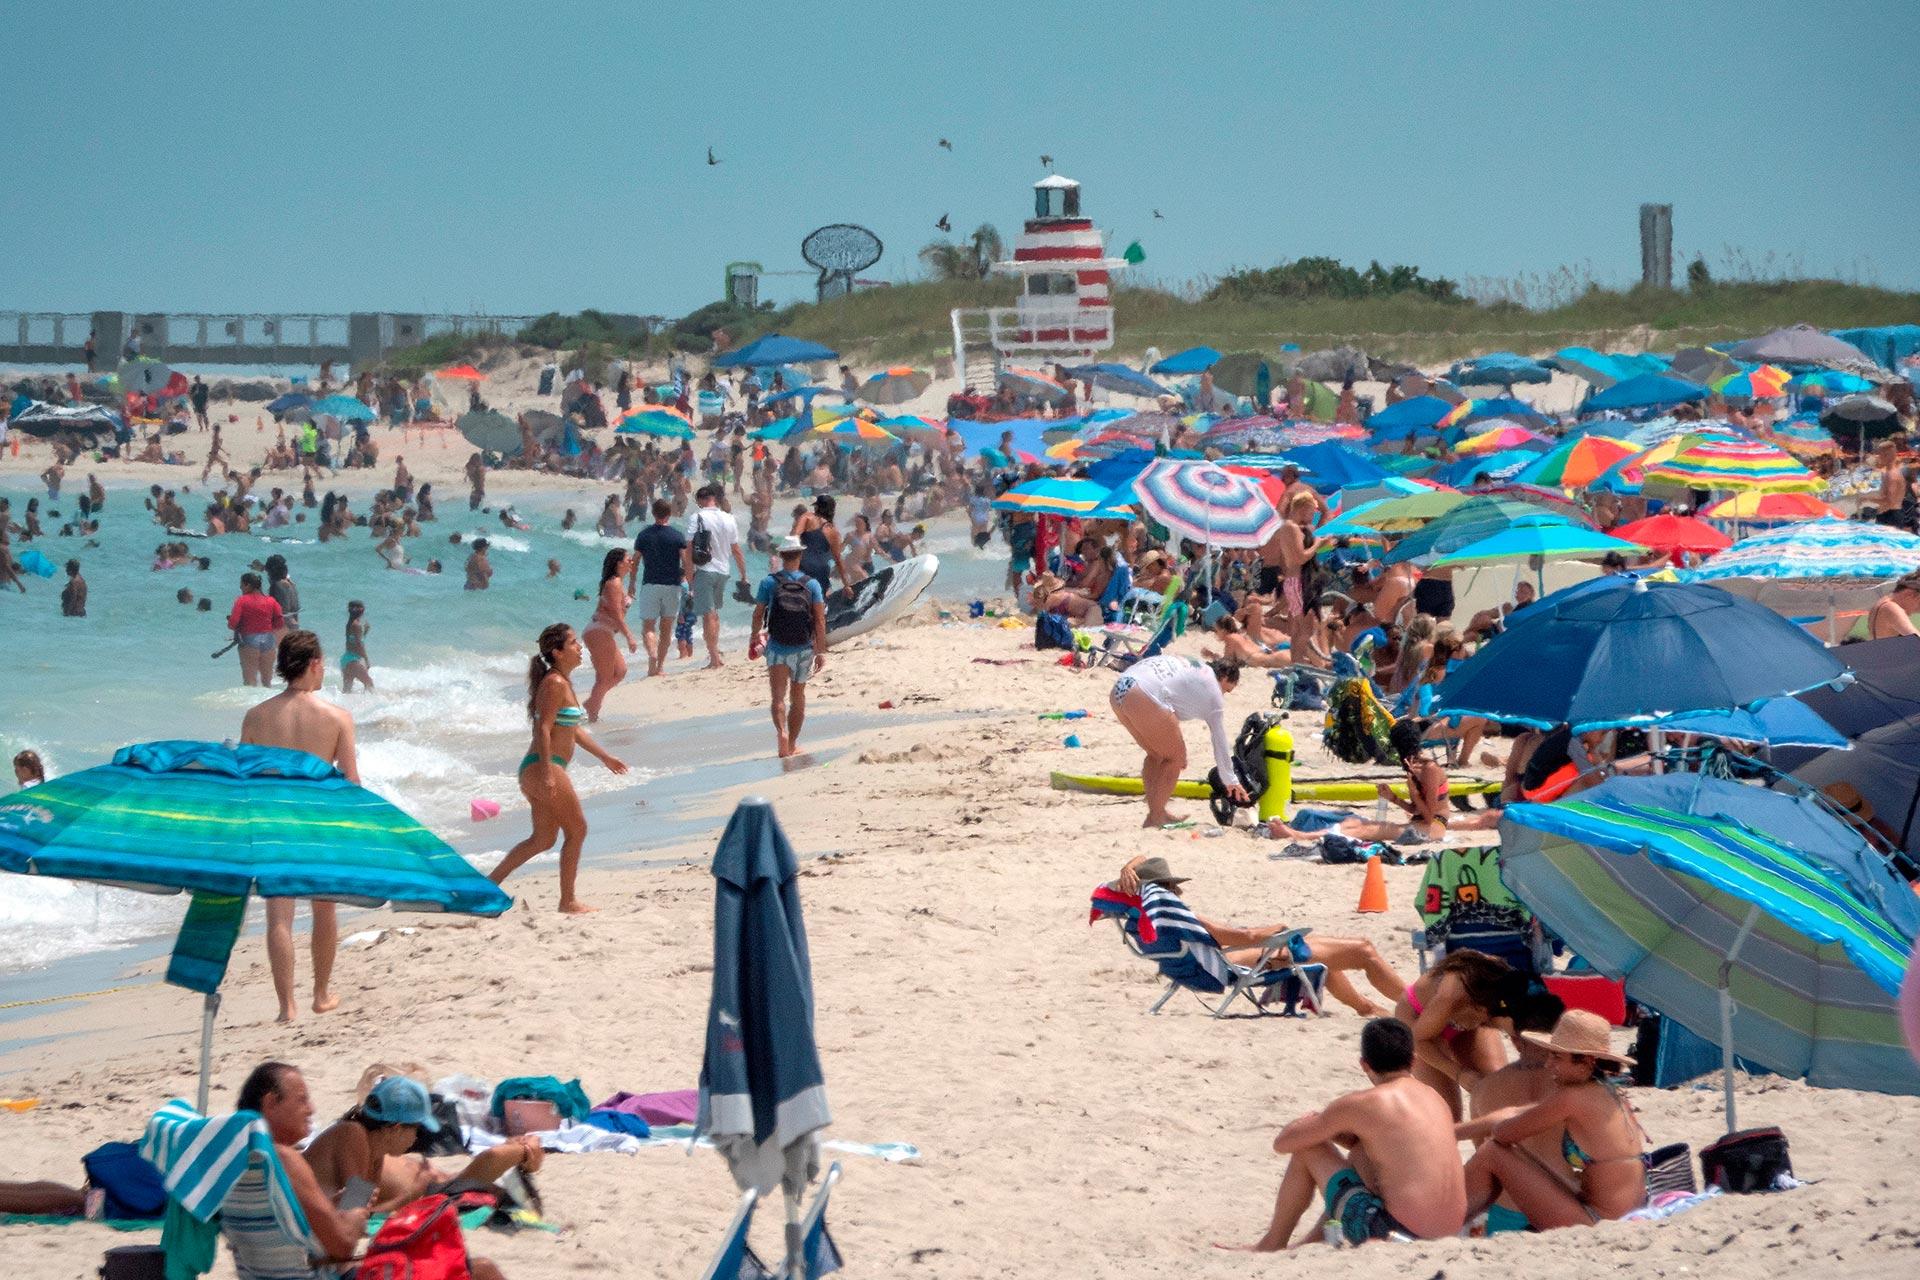 El avance de la pandemia amenaza con comprometer aún más el sistema sanitario de Florida, que ya tiene ocupados cerca del 80% de sus camas de internación y de cuidados intensivos. Según un reporte de CNBC, al menos 40 hospitales ya se quedaron sin espacio para atenciones de alta complejidad. (EFE)